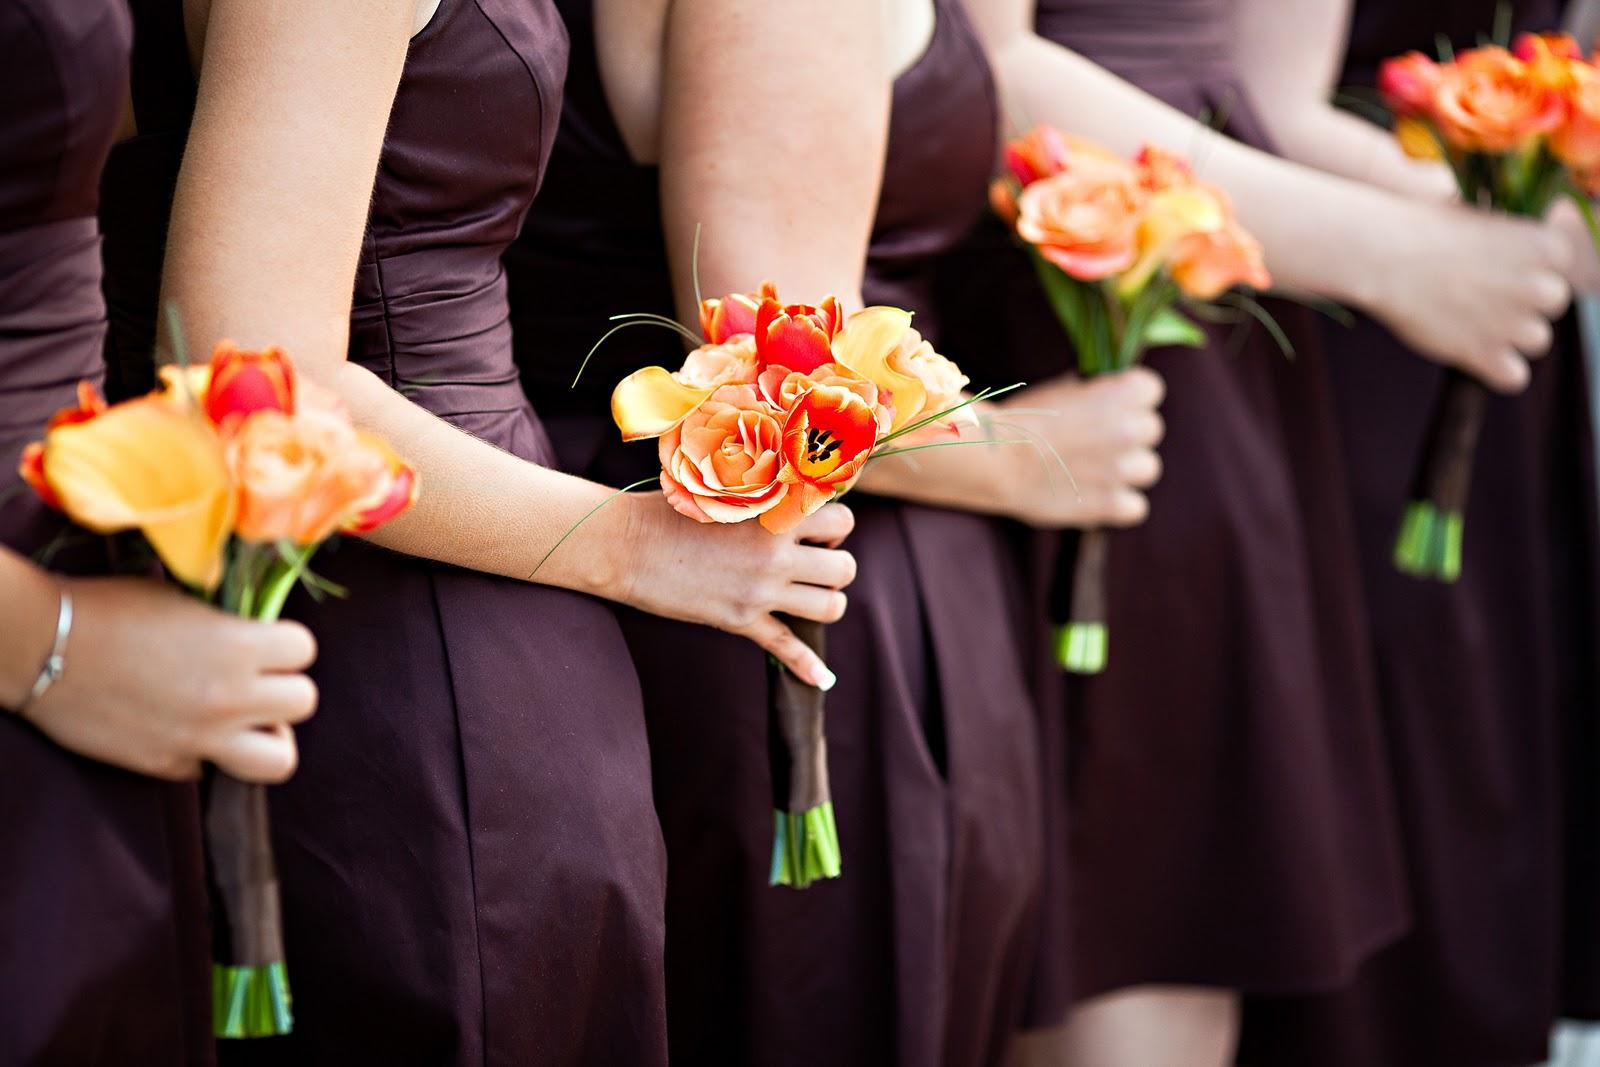 The Flower Girl Blog: January 2011